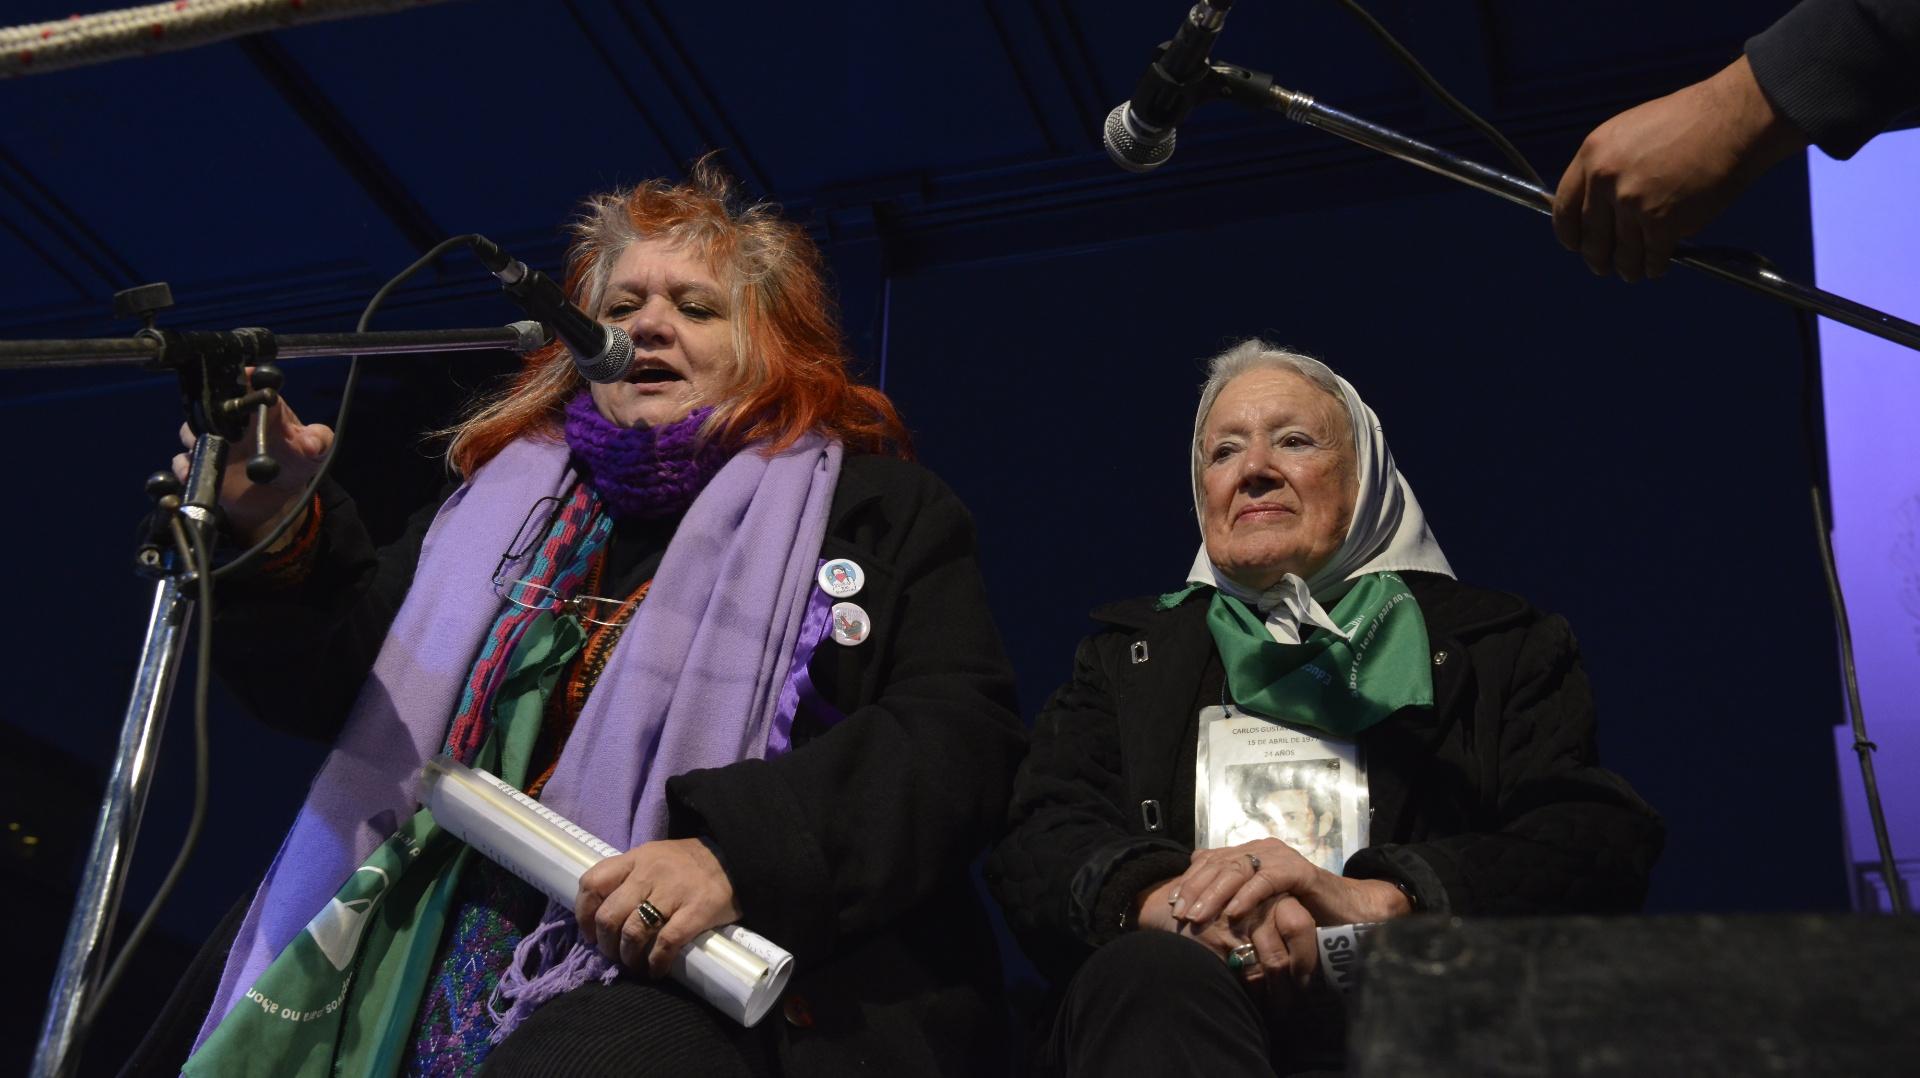 Liliana Daunes leyendo el documento en la marcha #NiUnaMenos, flanqueada por Nora Cortiñas, de Madres de Plaza de Mayo, línea fundadora